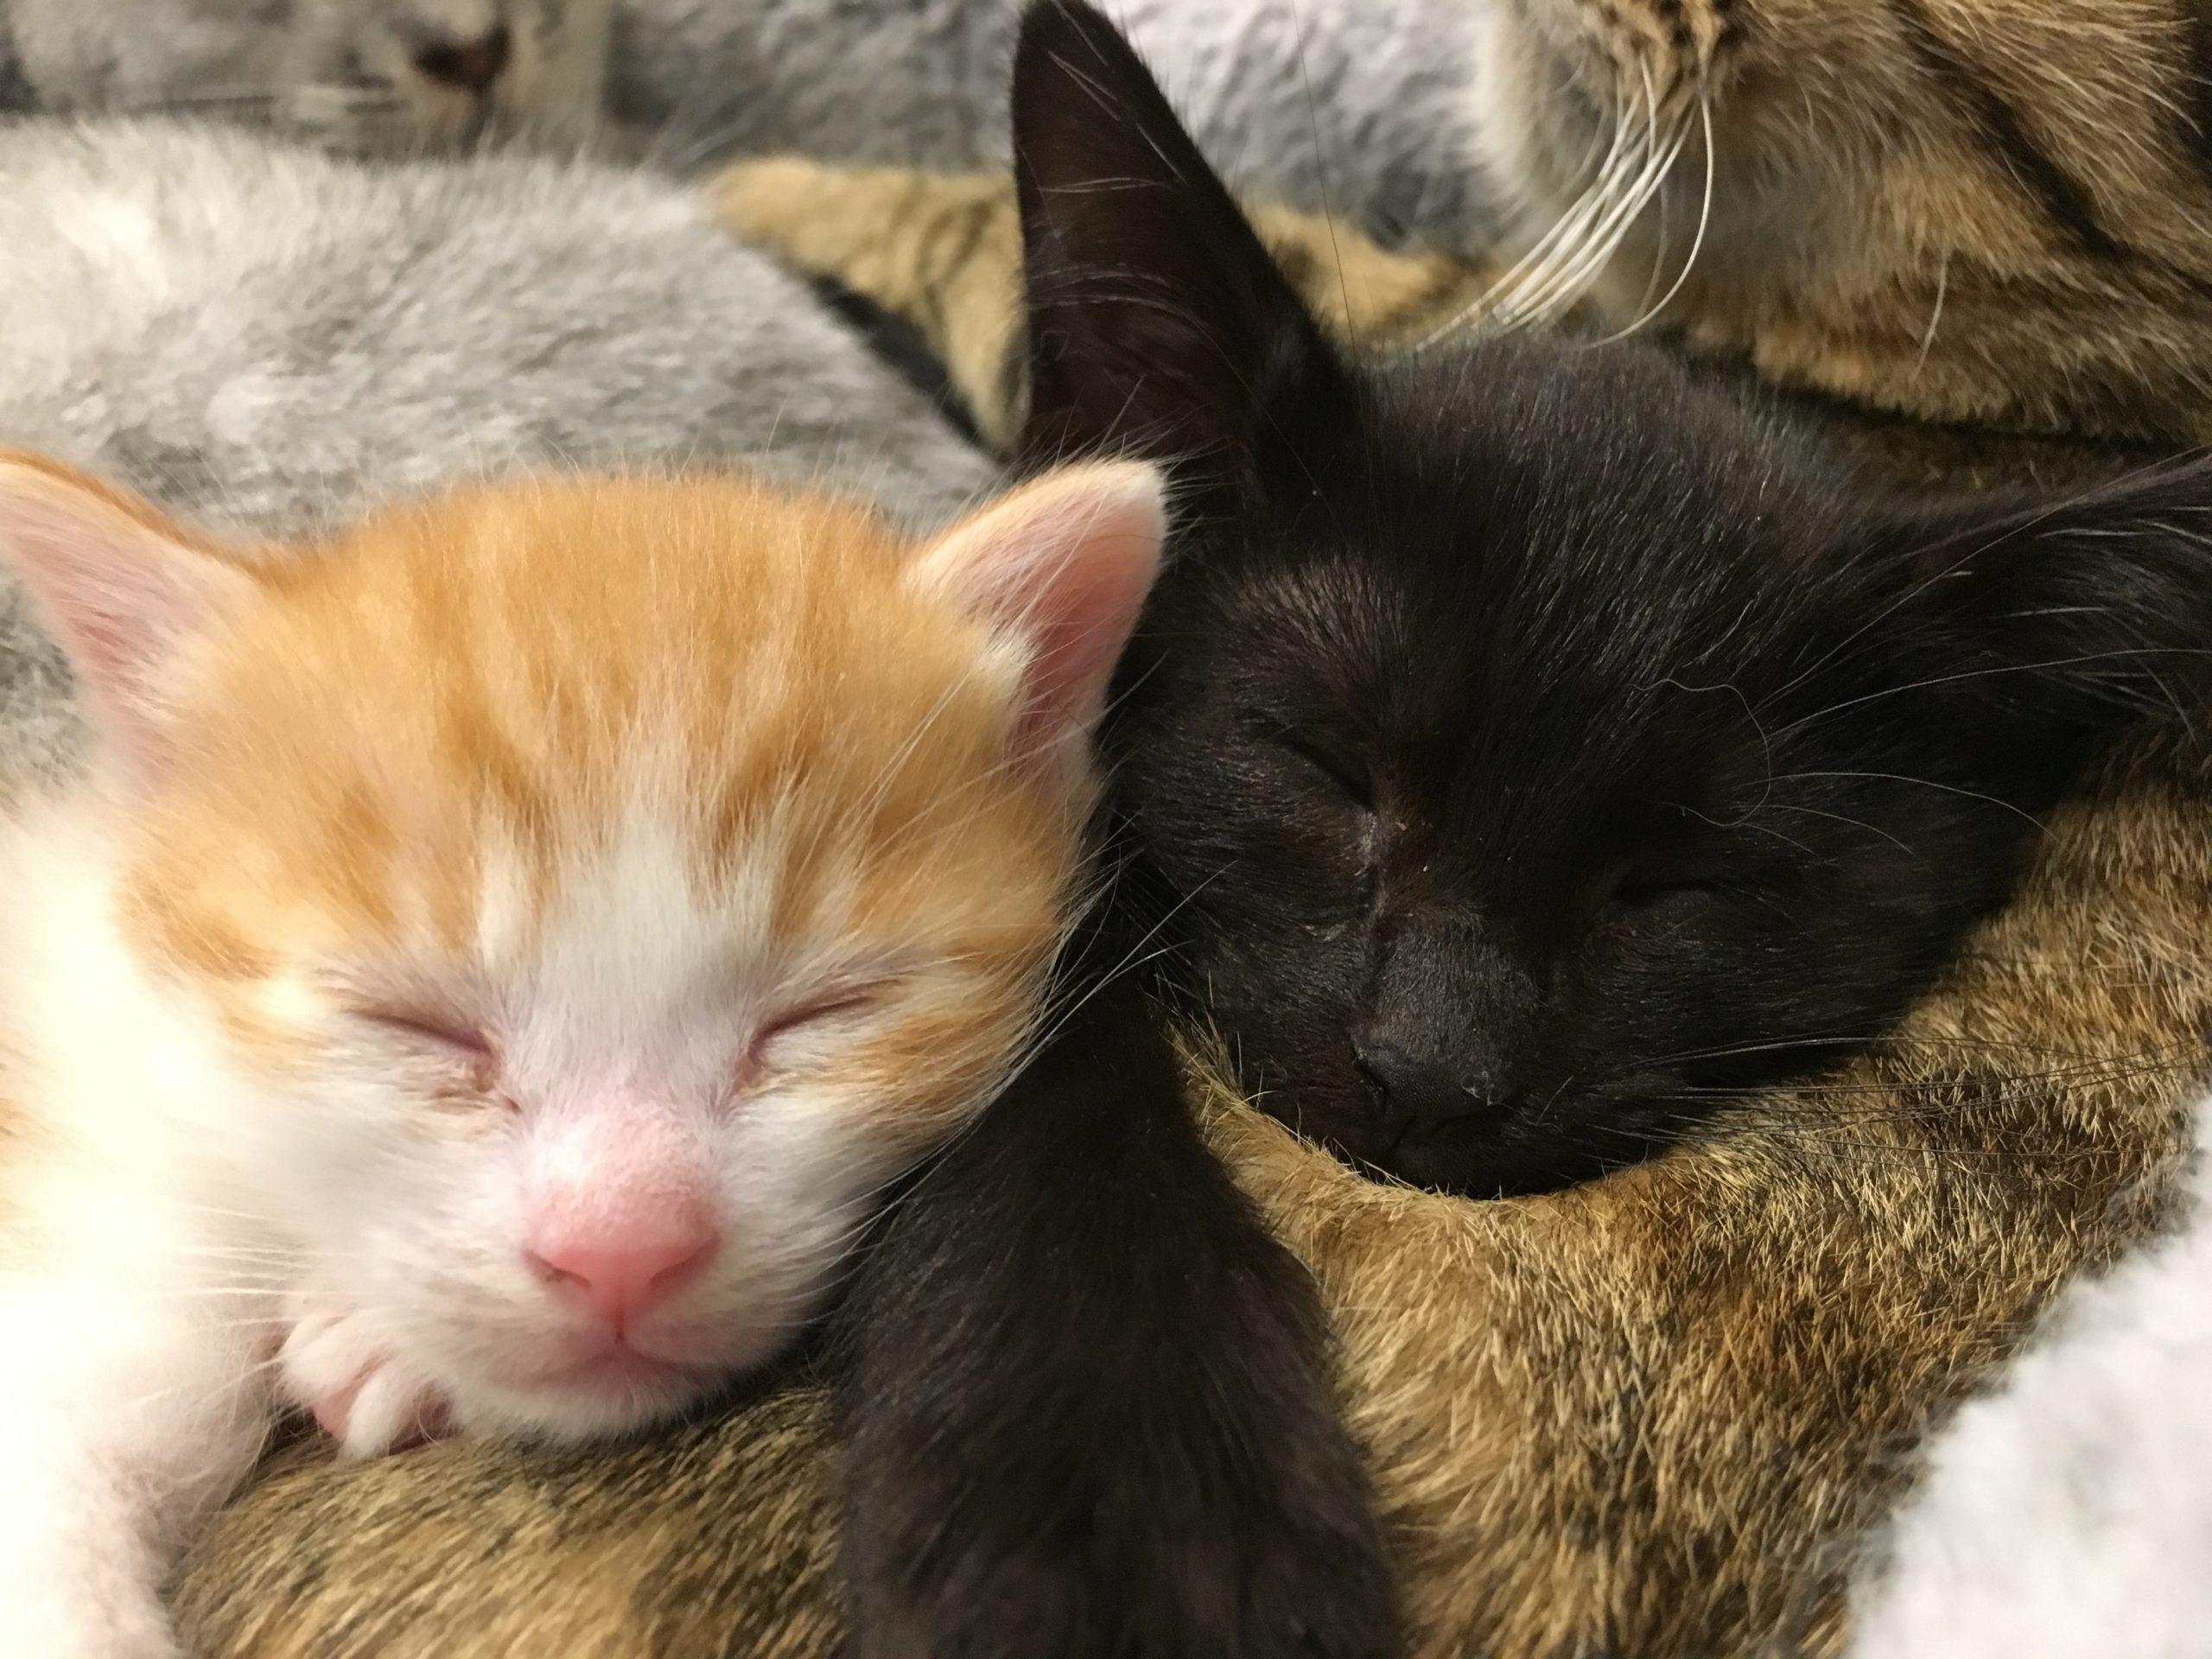 【 外出自粛 】自宅で癒しを求めるなら猫と生活してみませんか?